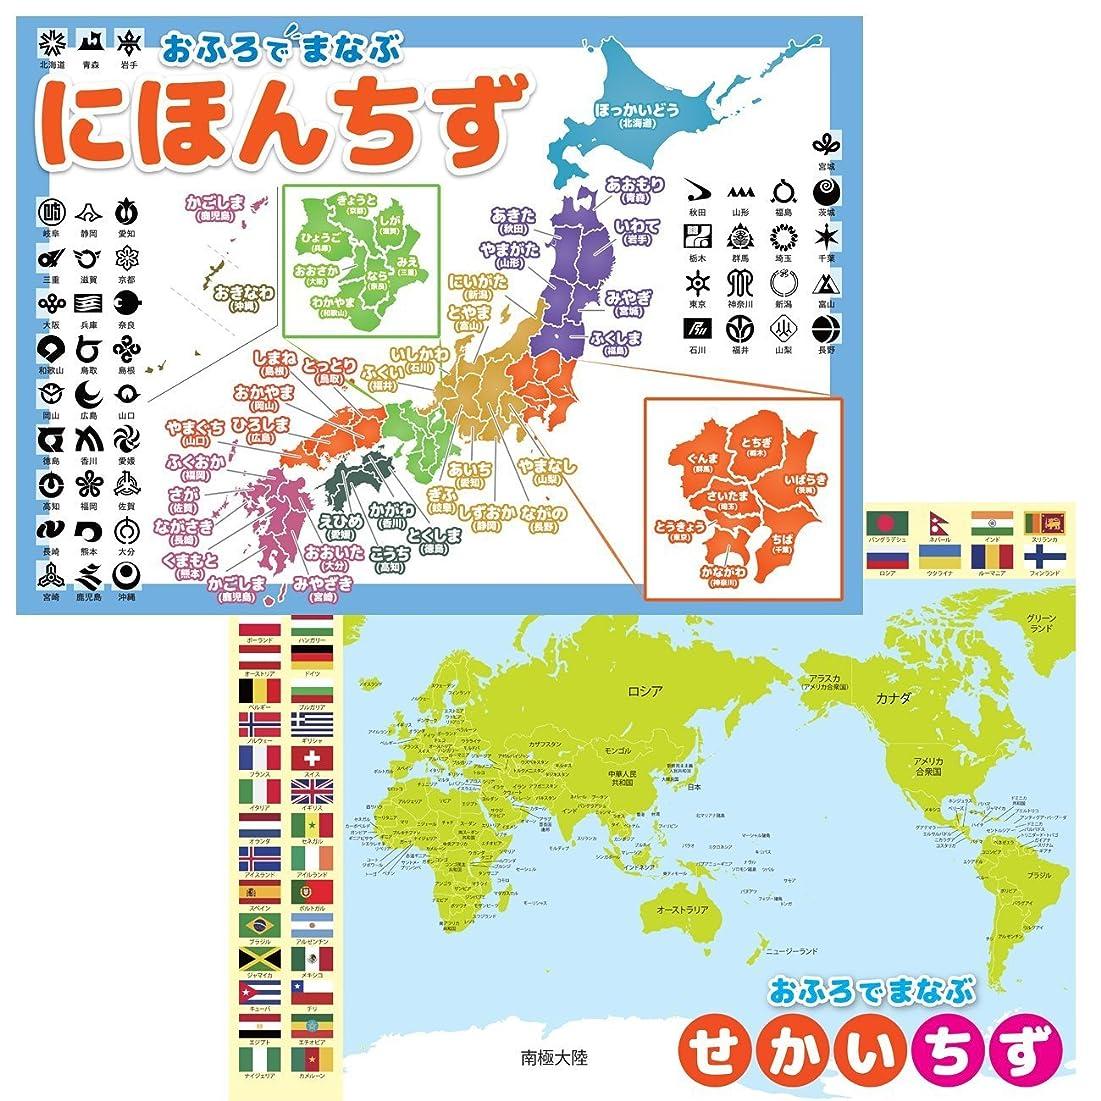 収益スマイルまつげ日本地図&世界地図 2枚セット お風呂 ポスター A3サイズ (420×297mm)【日本製 防水 知育玩具 A3 ポスター 学習ポスター】